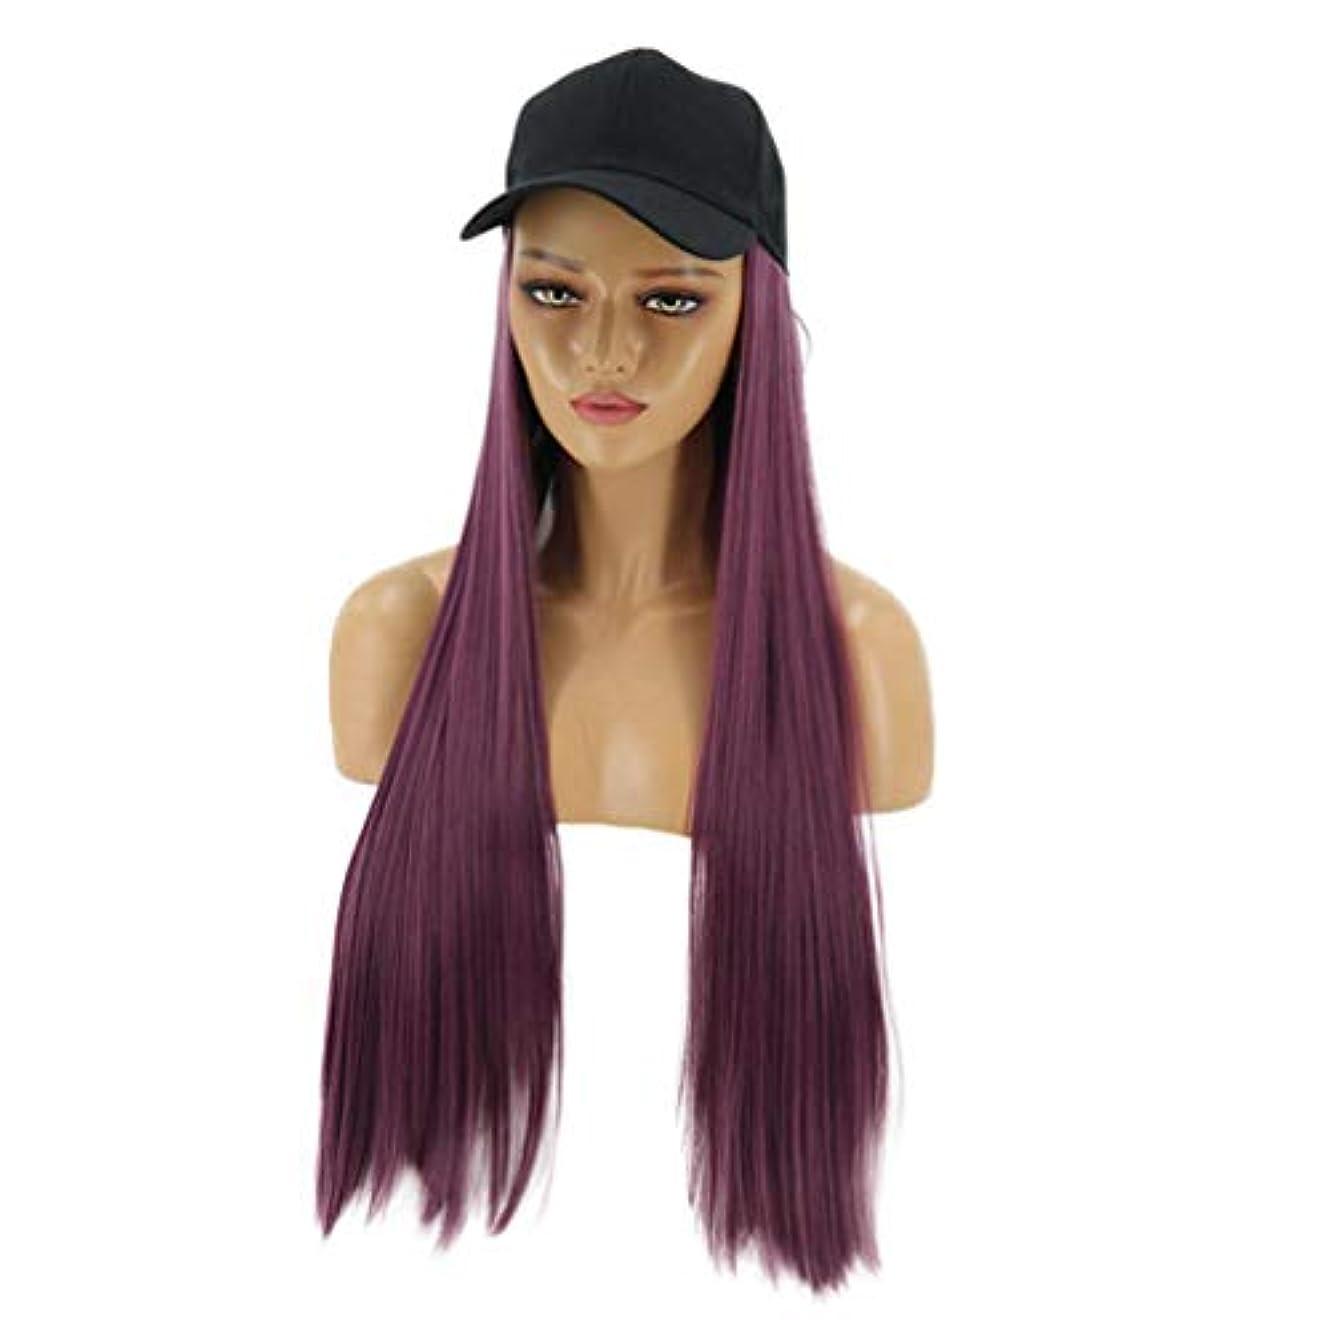 誠実マザーランド甘やかす女性ロングストレートウィッグキャップロングヘア野球キャップボールキャップカジュアルキャップウィッグ合成かつらヘア耐熱性ナチュラル本物の髪